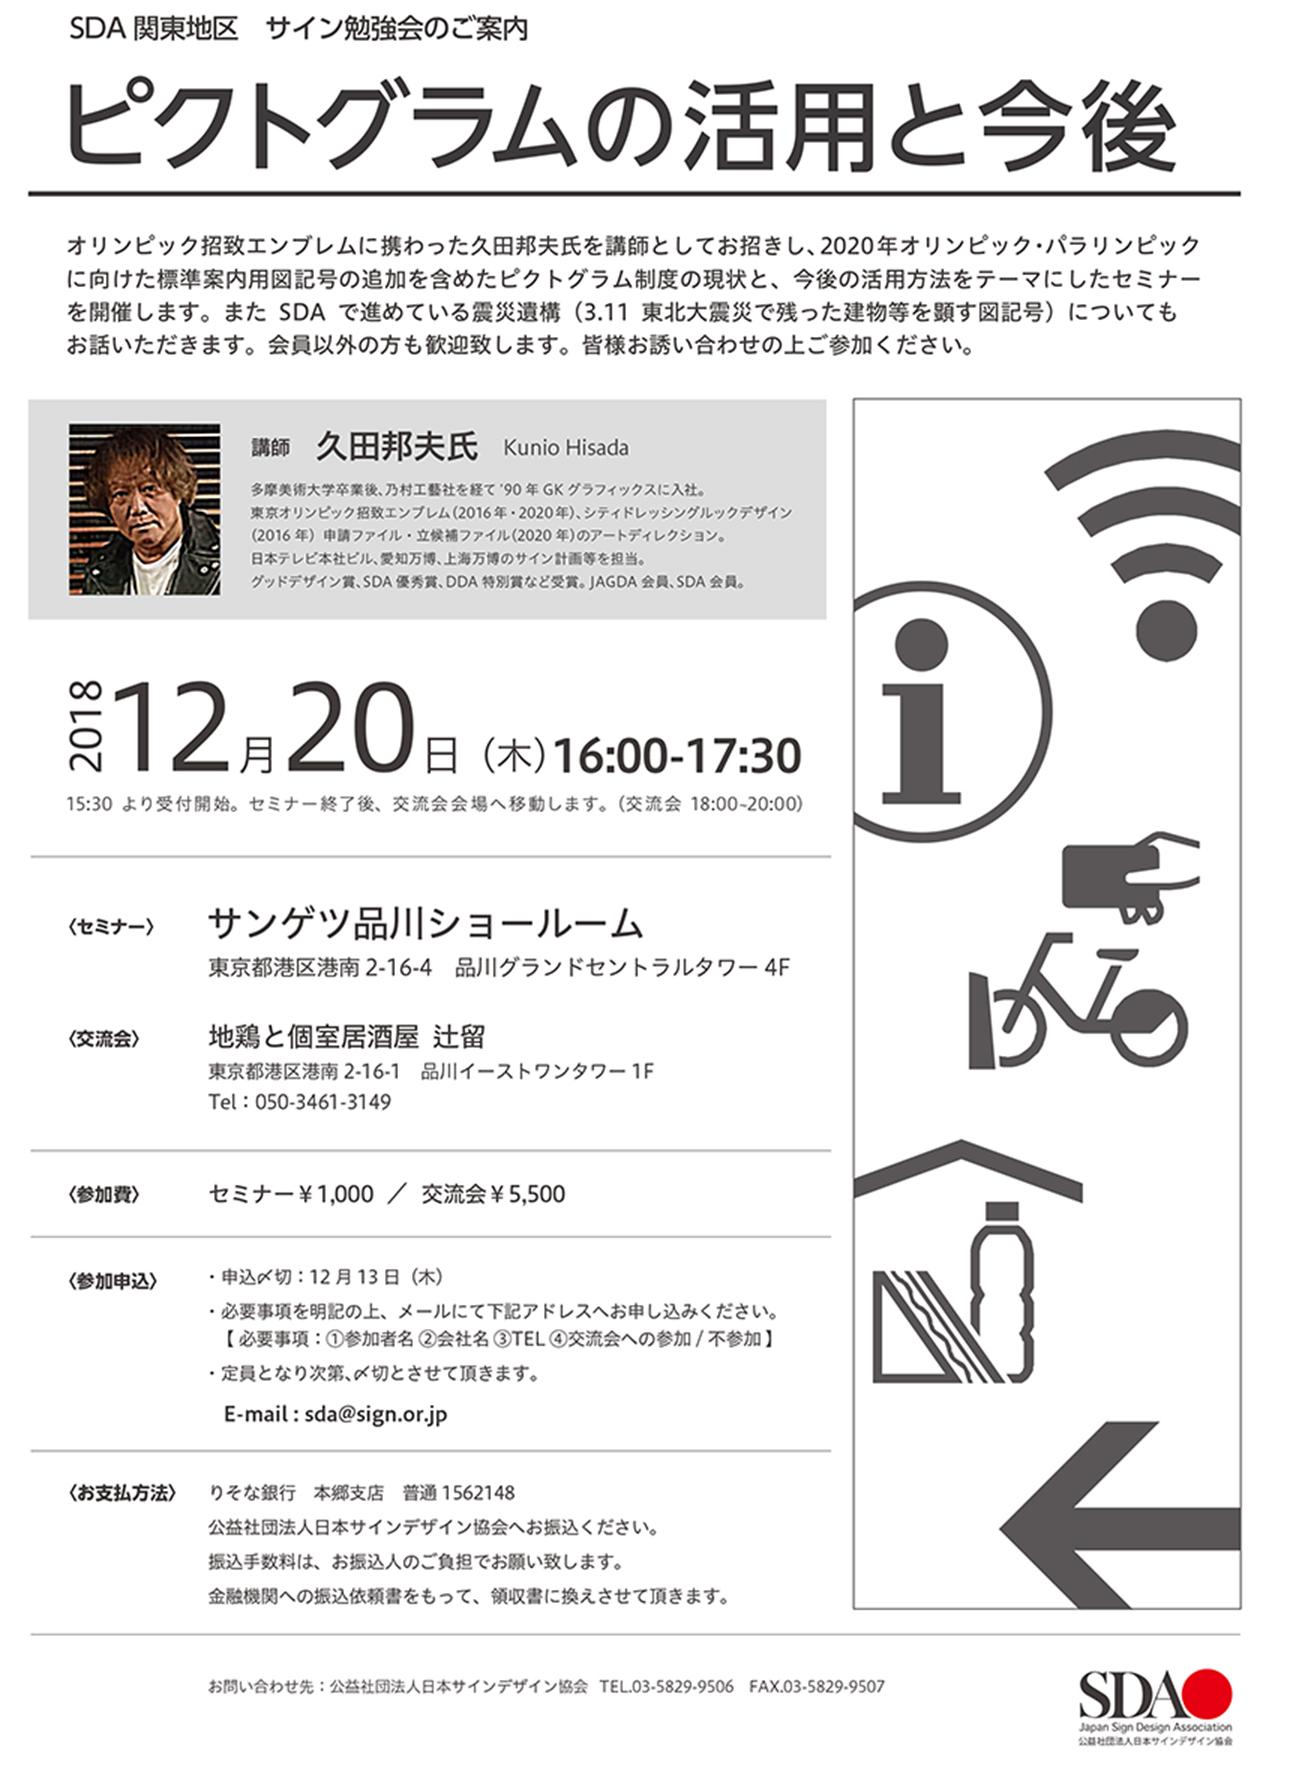 公益社団法人日本サインデザイン協会 sda